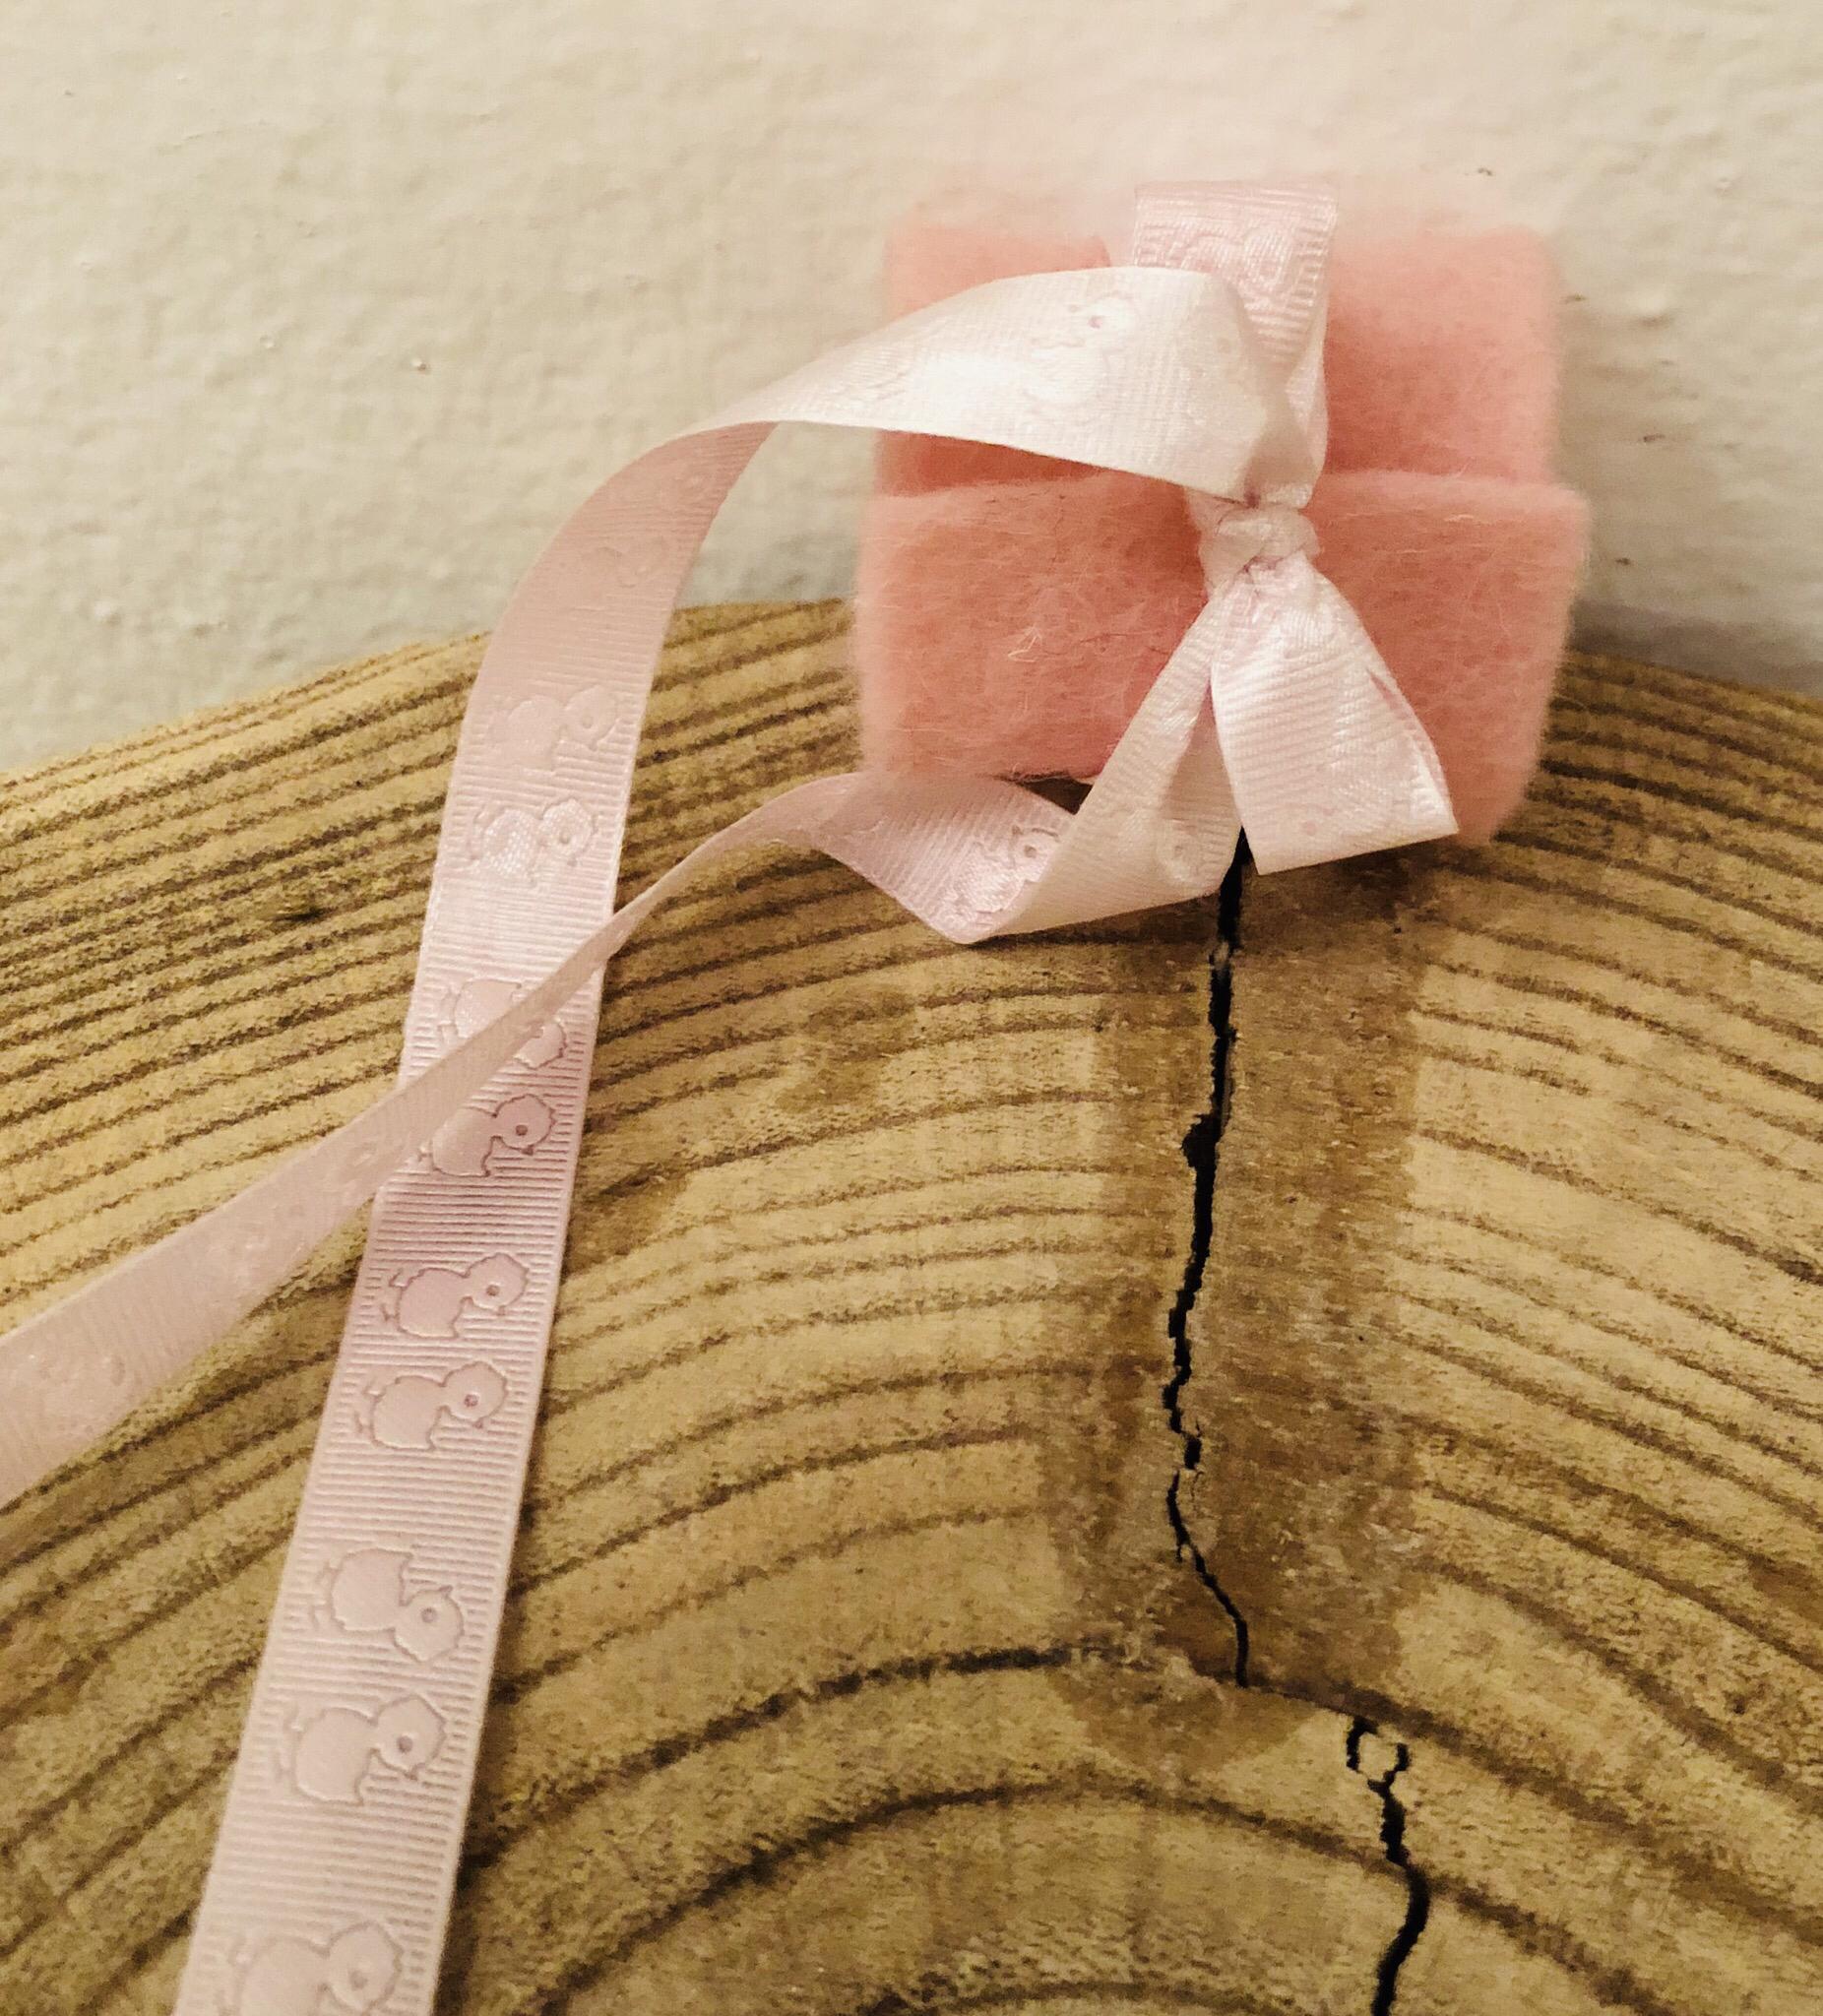 Tropfschutz für Taufkerze Mädchen - Filzmanschette mit Satinband Entchen rosa 25041